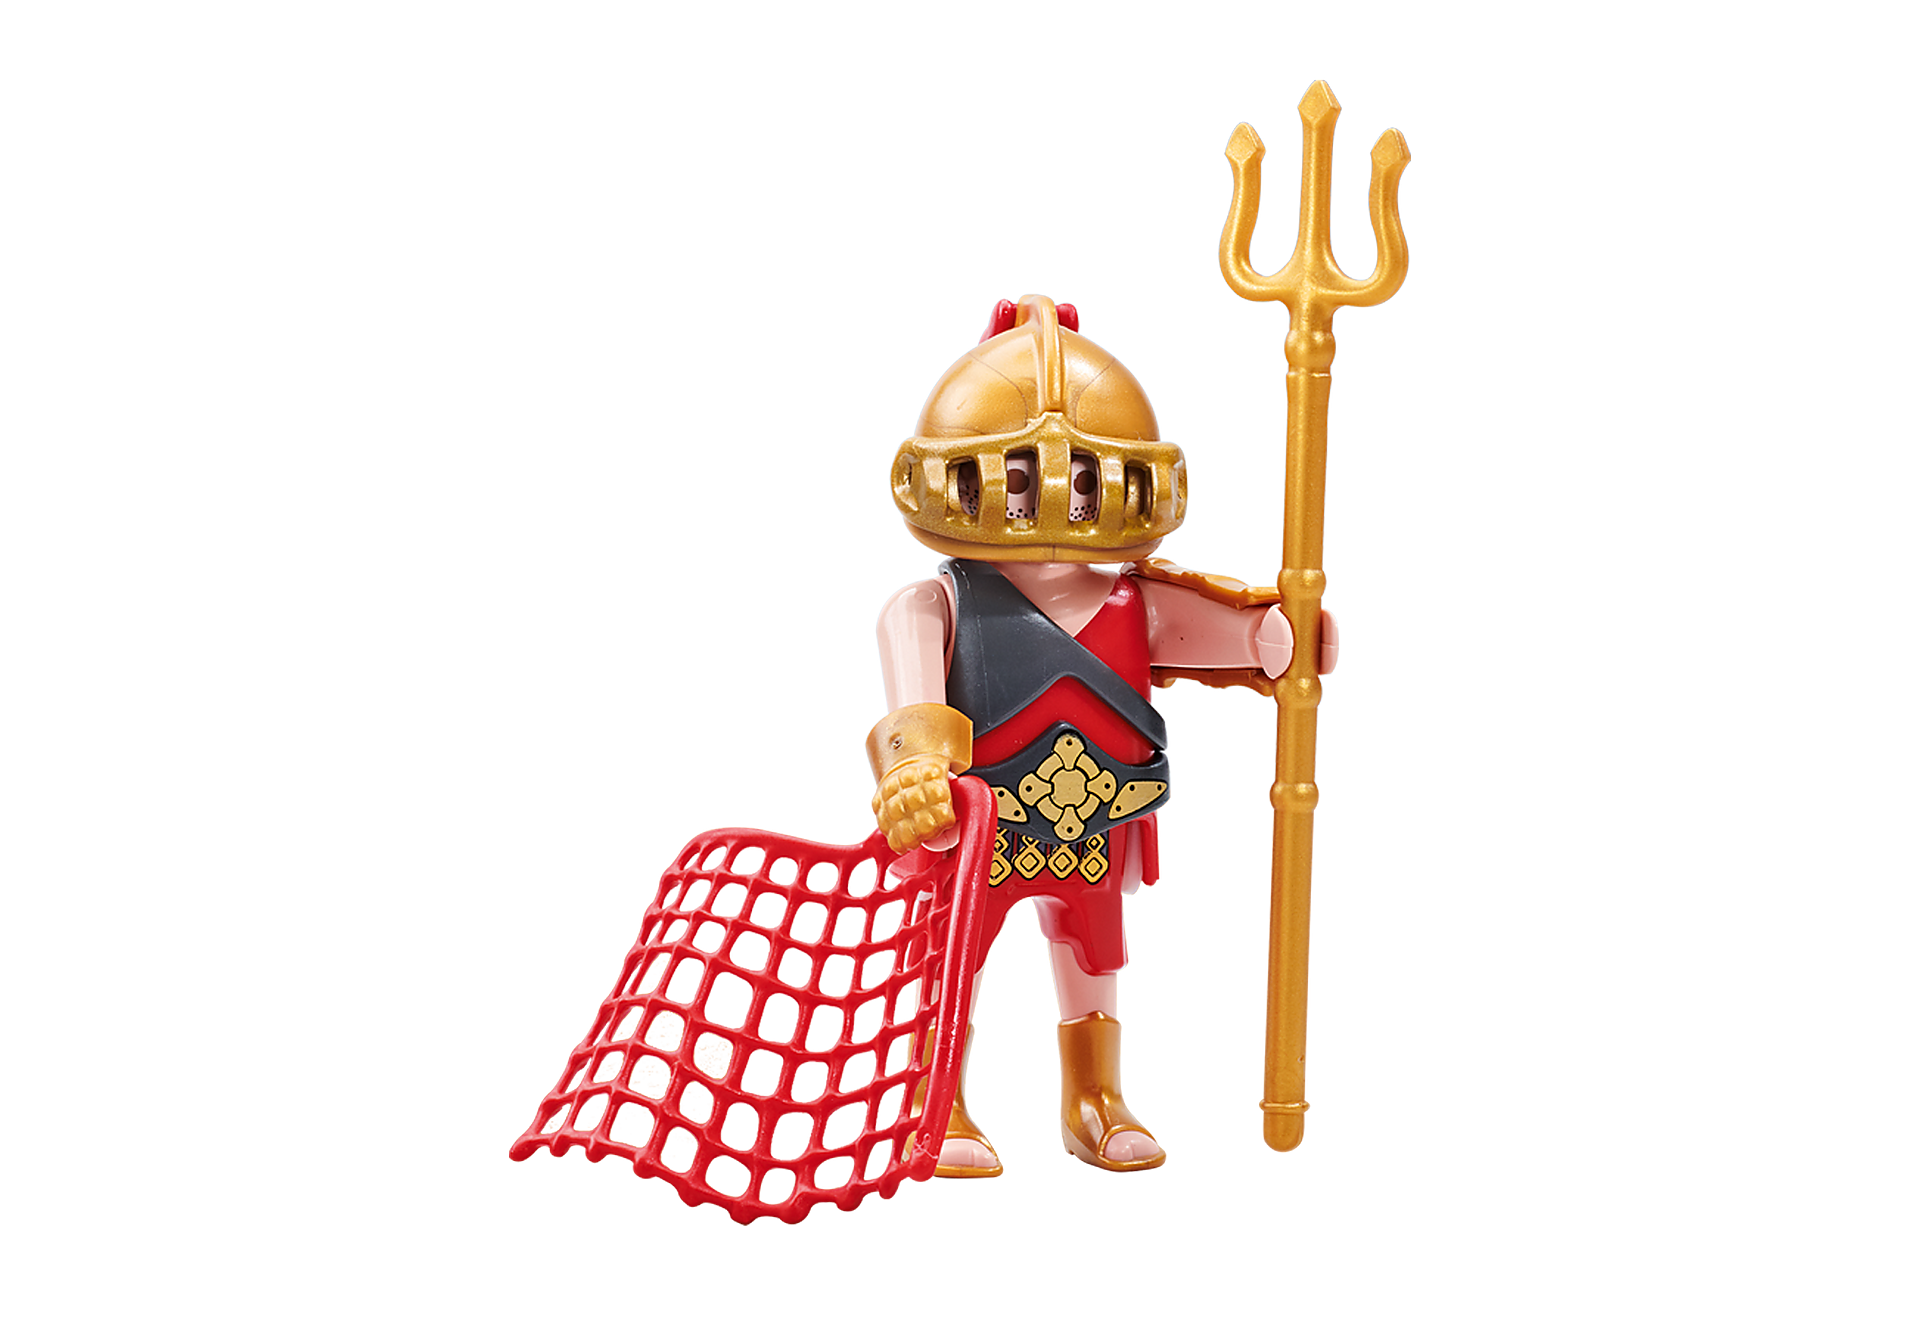 6589 Jefe de los Gladiadores zoom image1